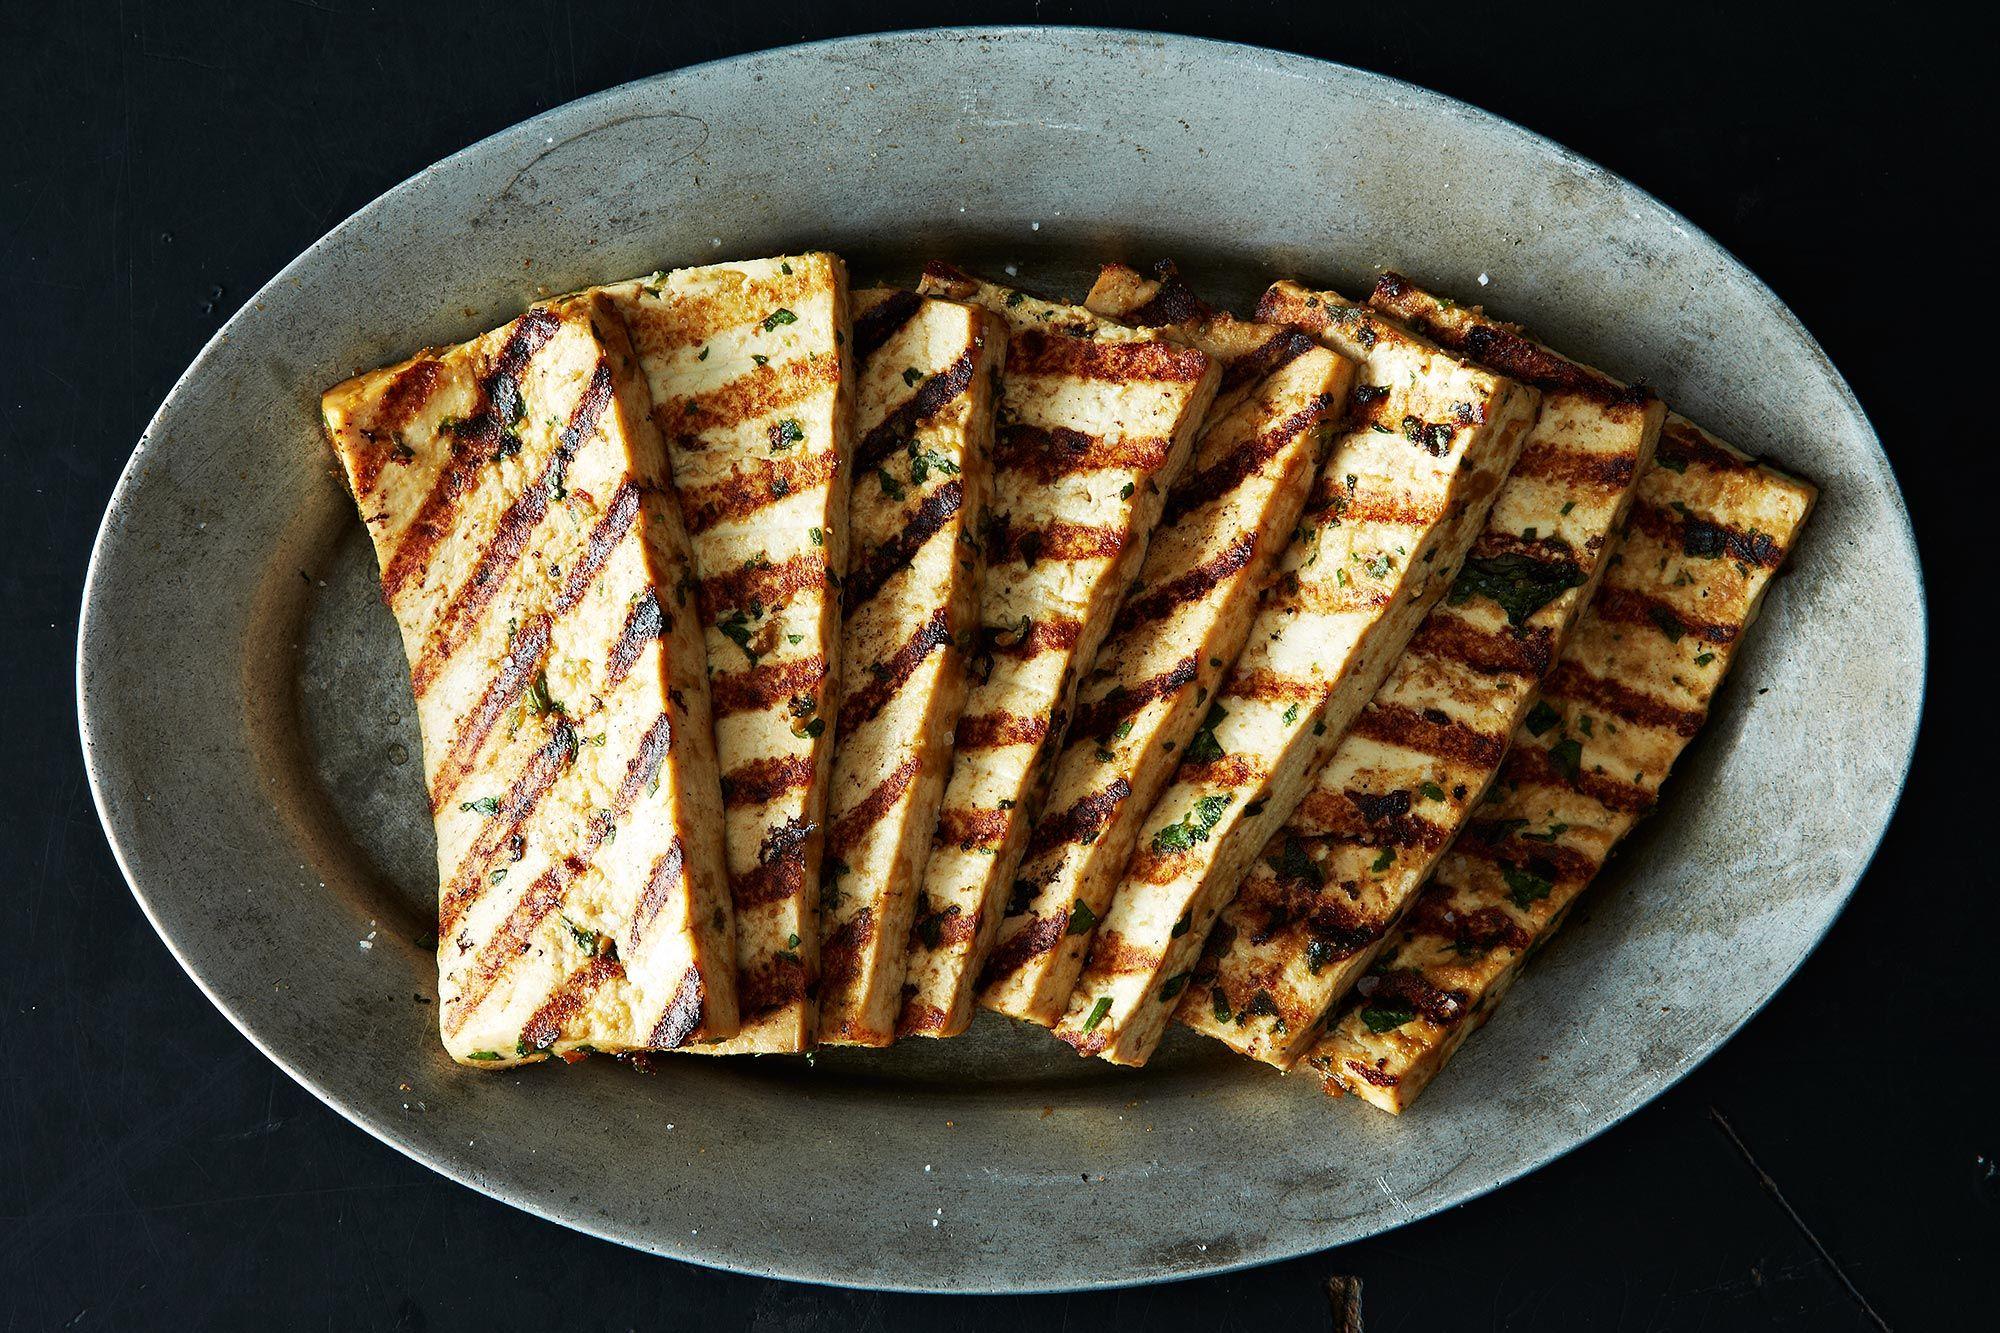 Grilled Peanut Tofu on Food52